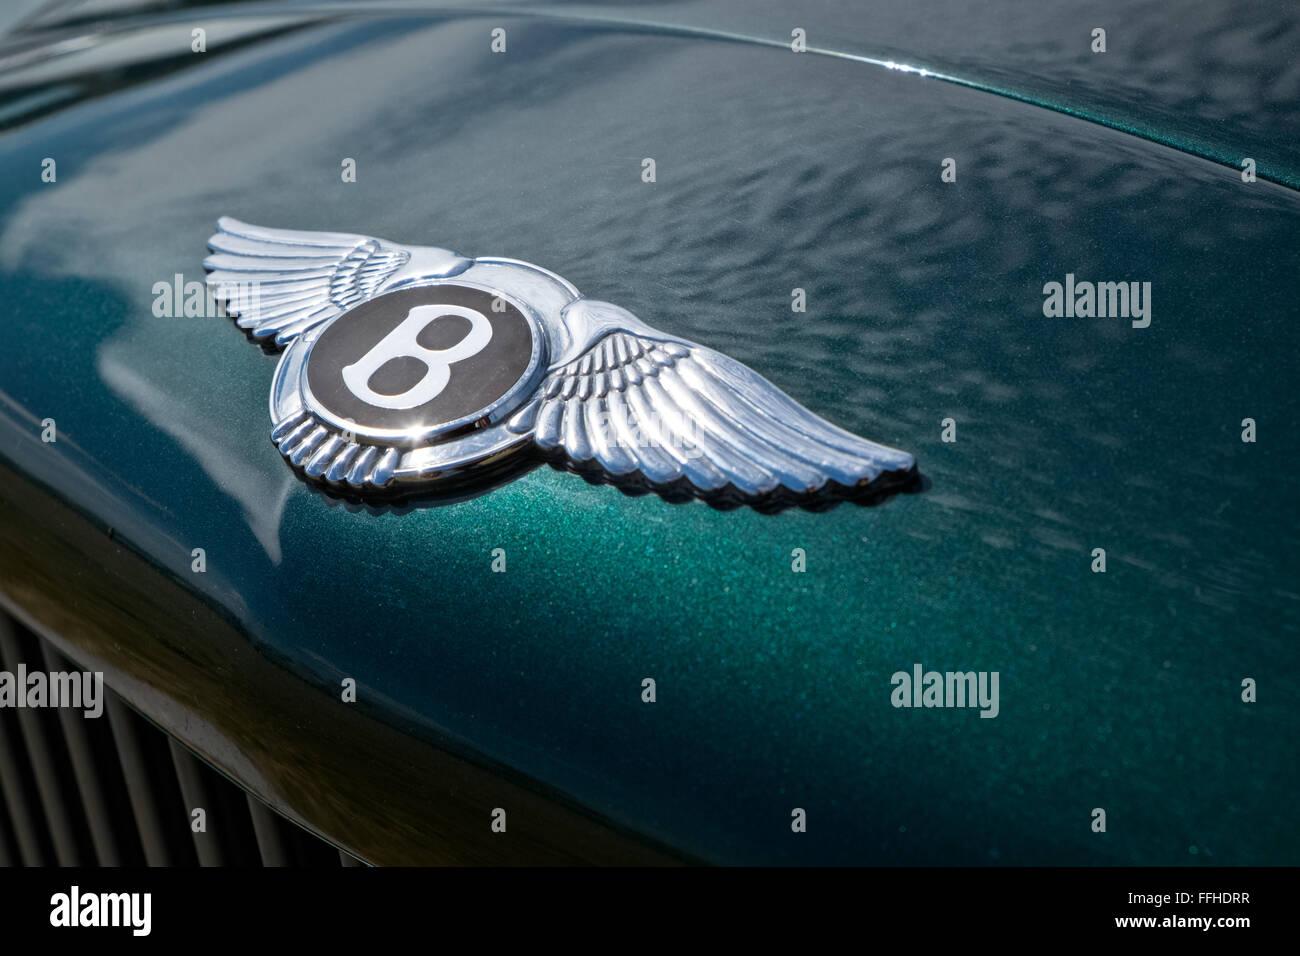 Die legendären Bentley Emblem auf der Motorhaube eines metallischen Grün Mulsanne Autos Stockbild